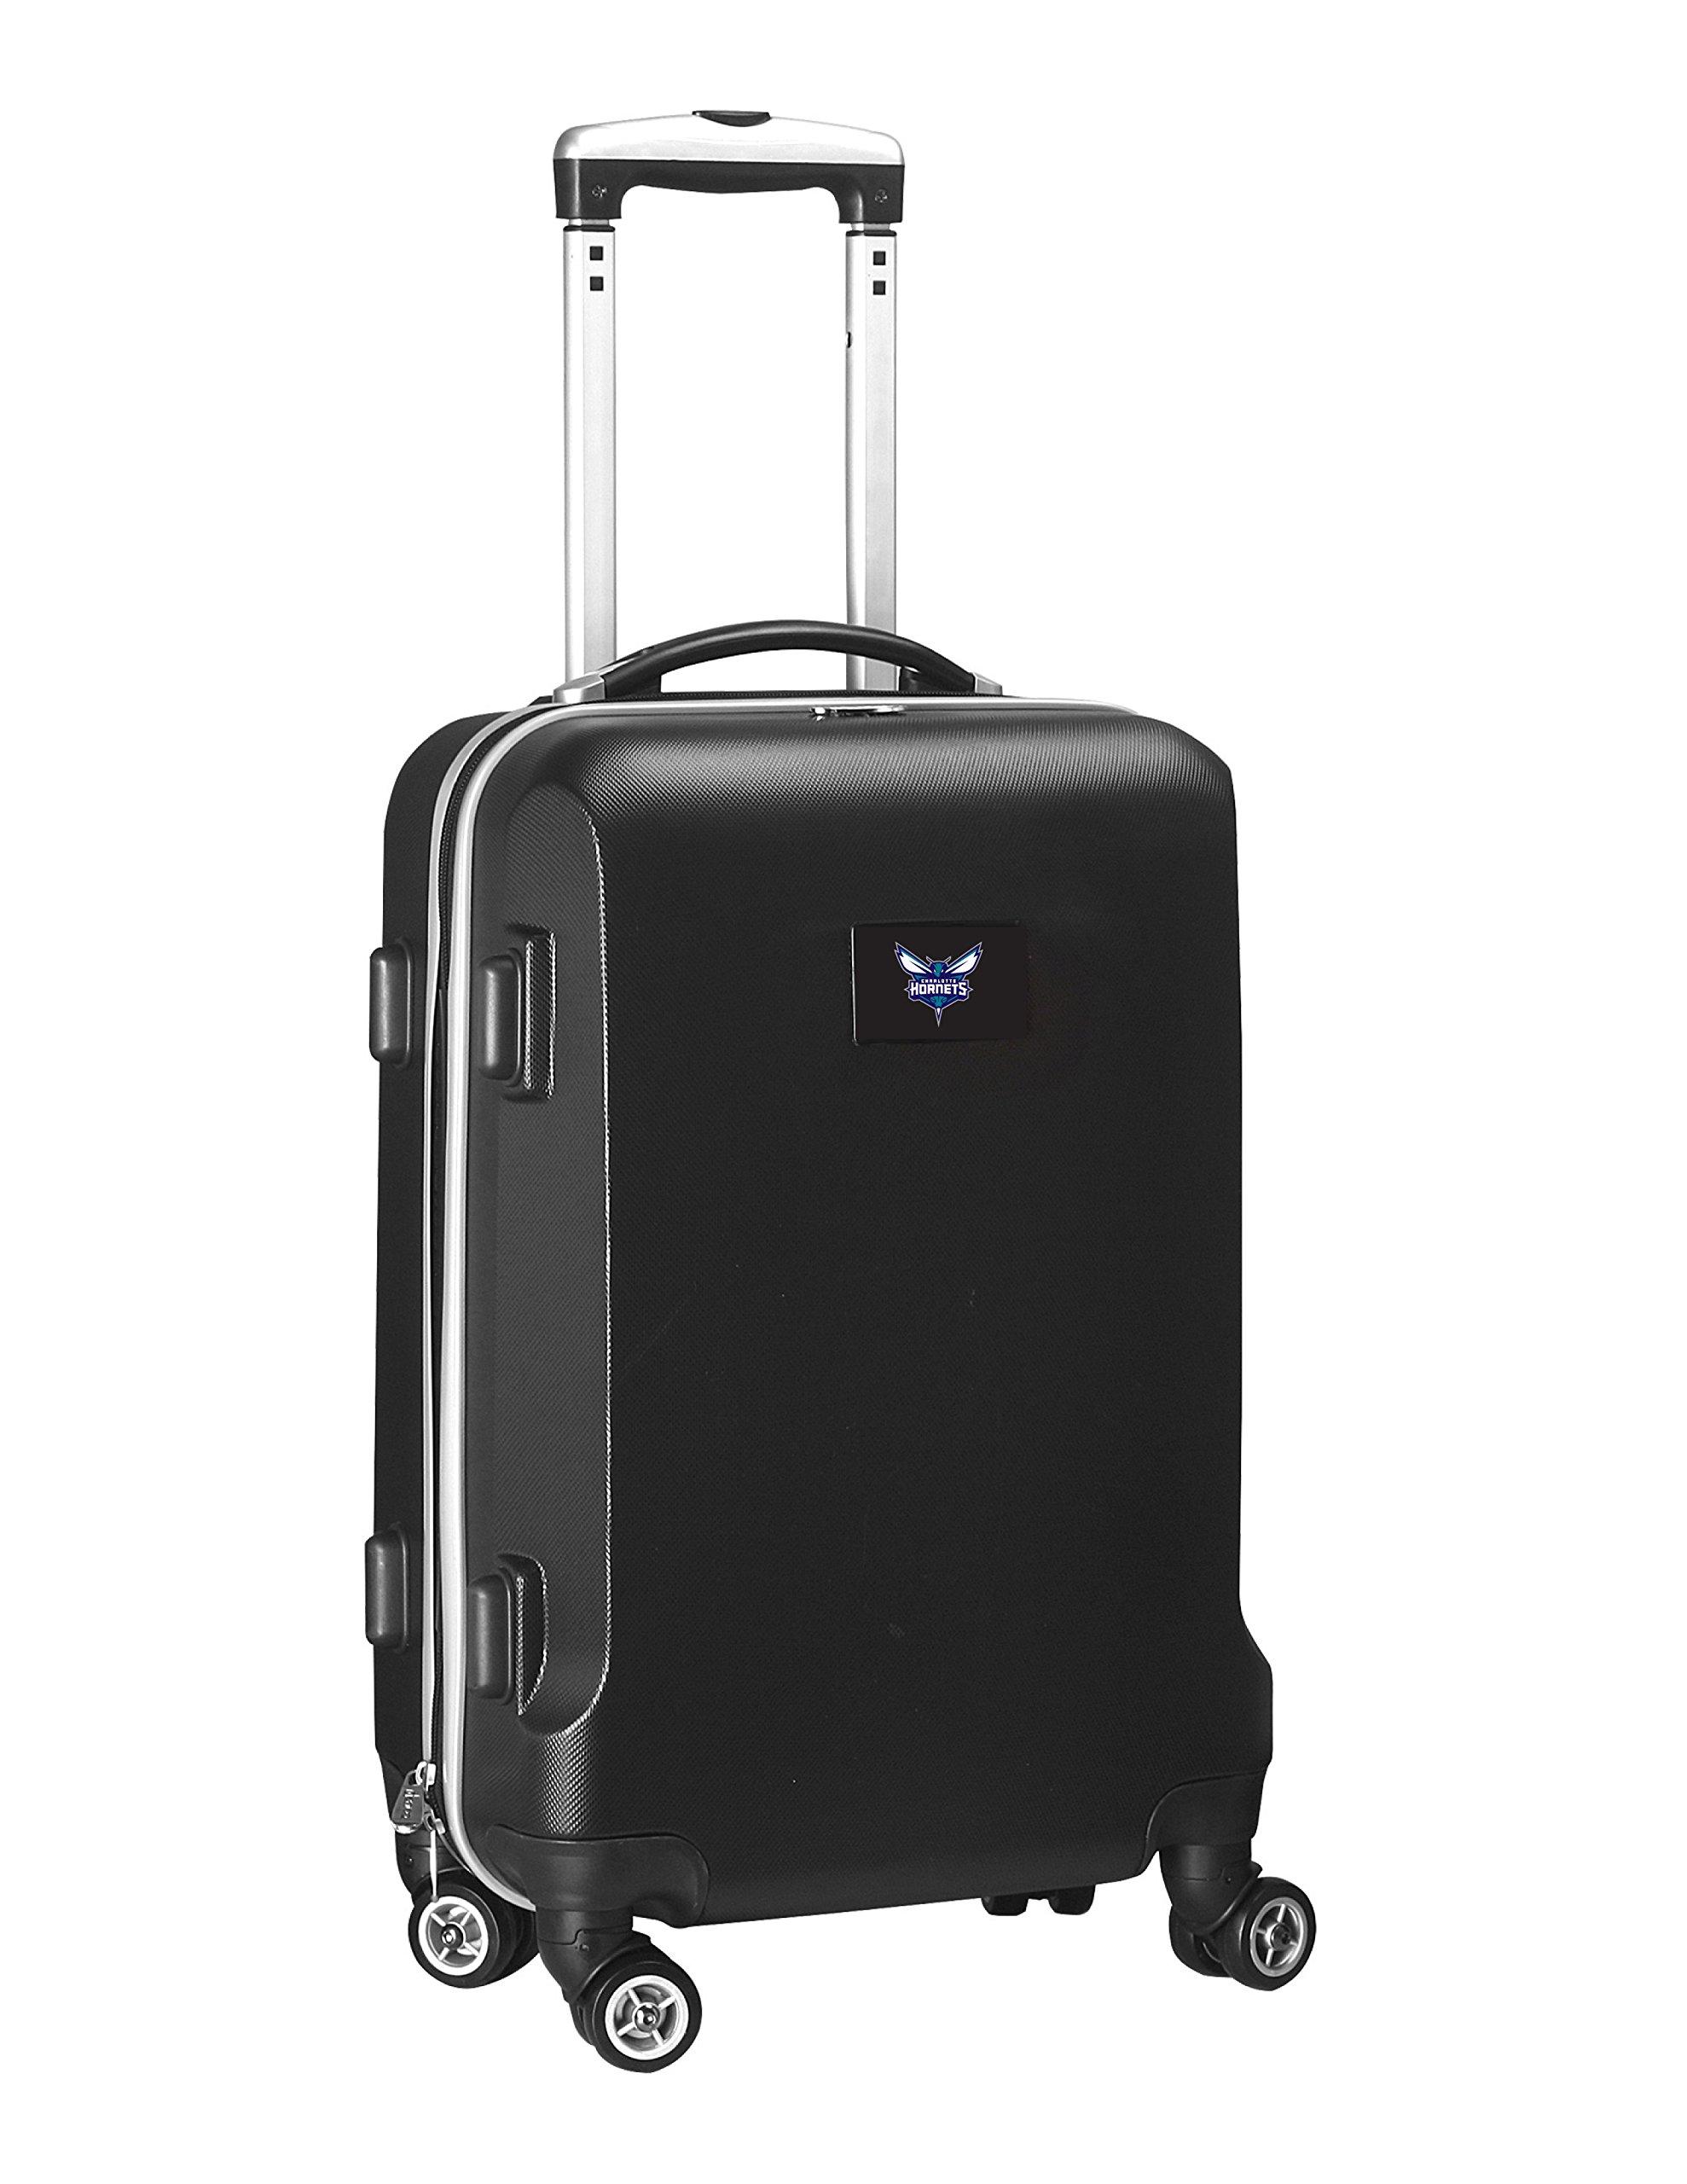 Denco NBA Charlotte Hornets Carry-On Hardcase Luggage Spinner, Black